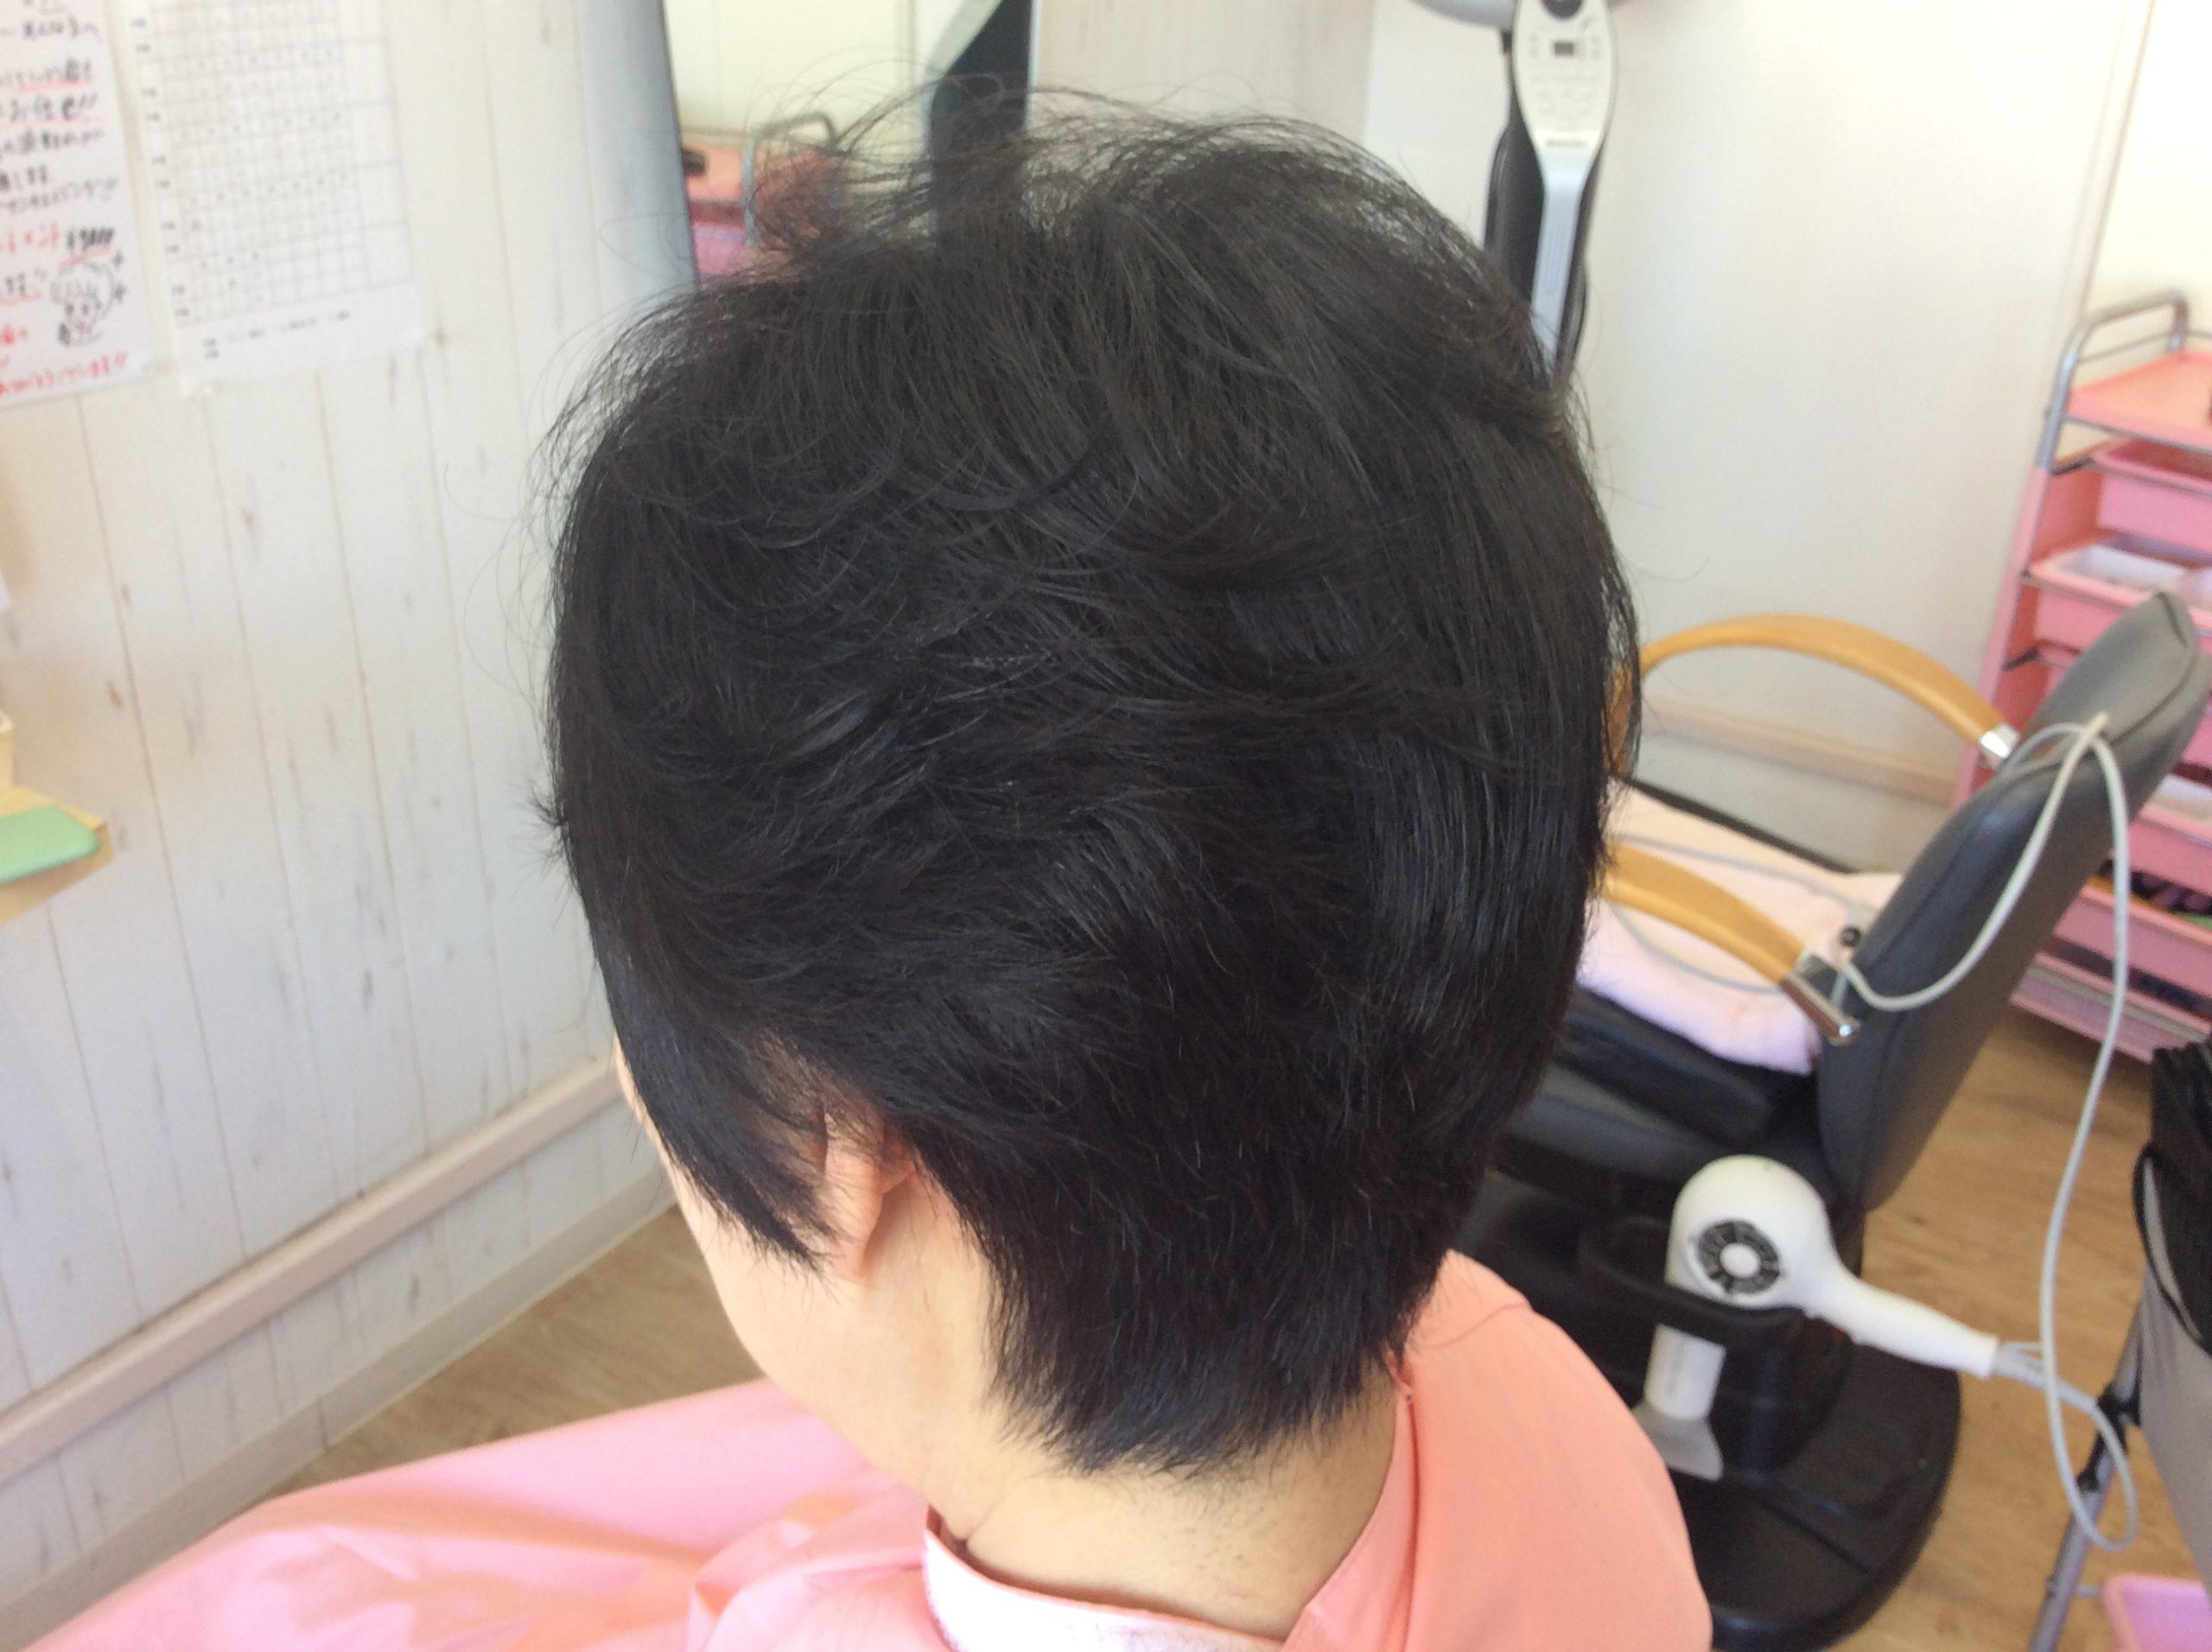 ノンジアミンカラーとくせ毛のキュビズムカット